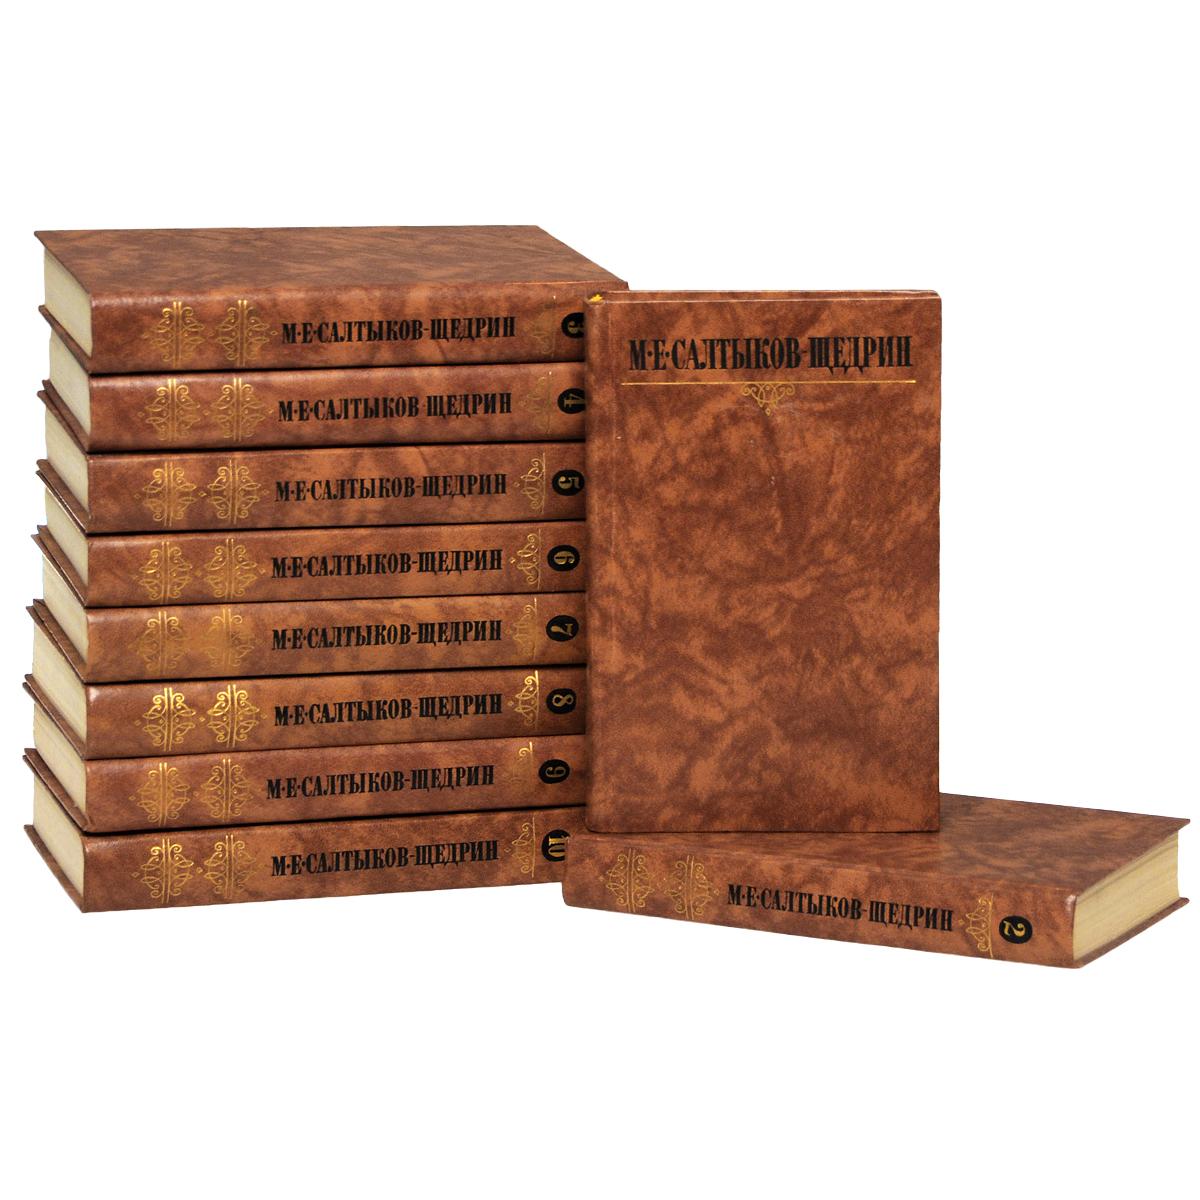 М. Е. Салтыков-Щедрин. Собрание сочинений в 10 томах (комплект)